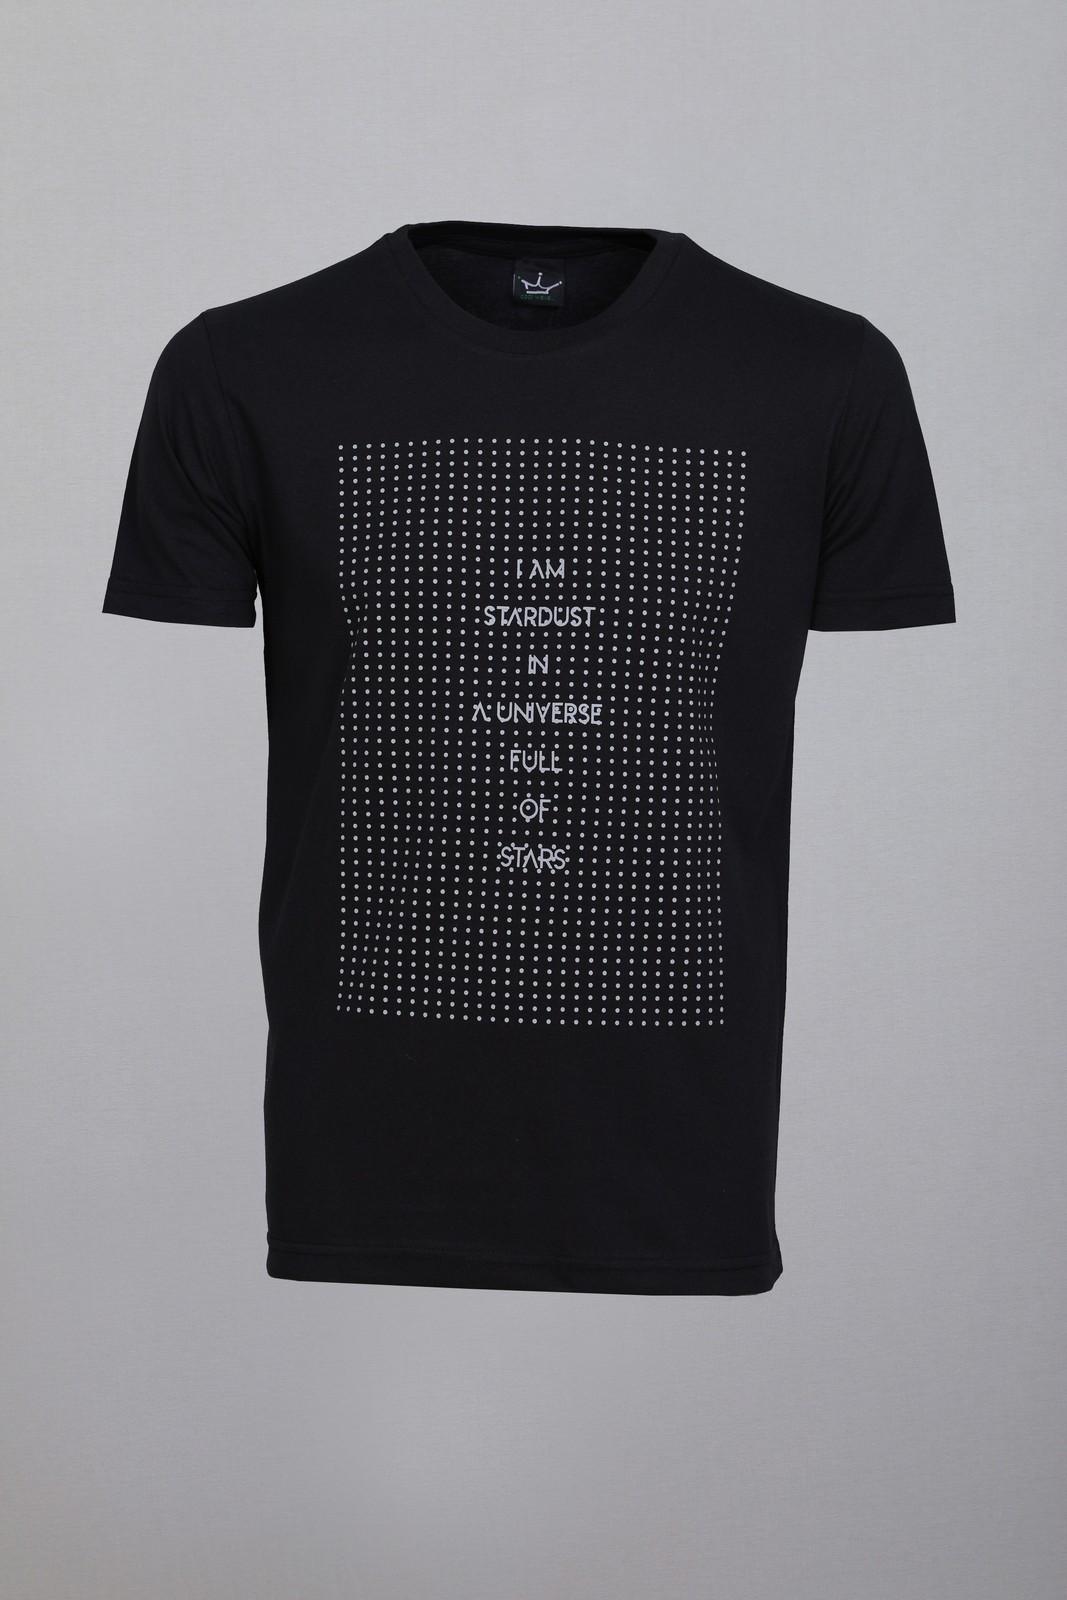 Camiseta CoolWave Stardust Preta